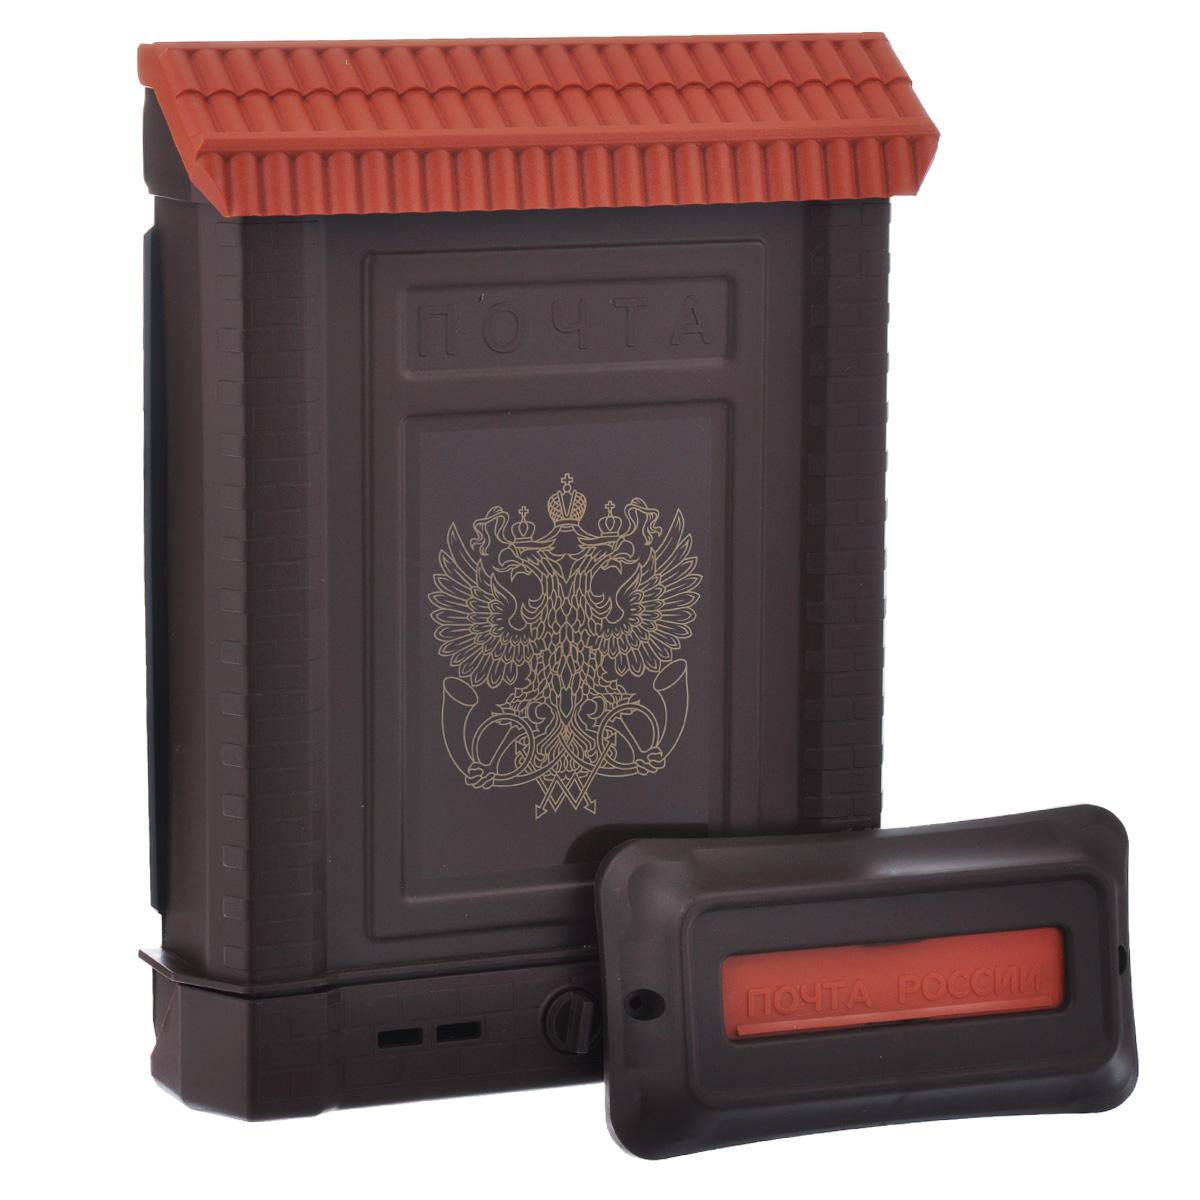 Ящик почтовый, пластиковый ПРЕМИУМ коричневый герб внутренний (7088)